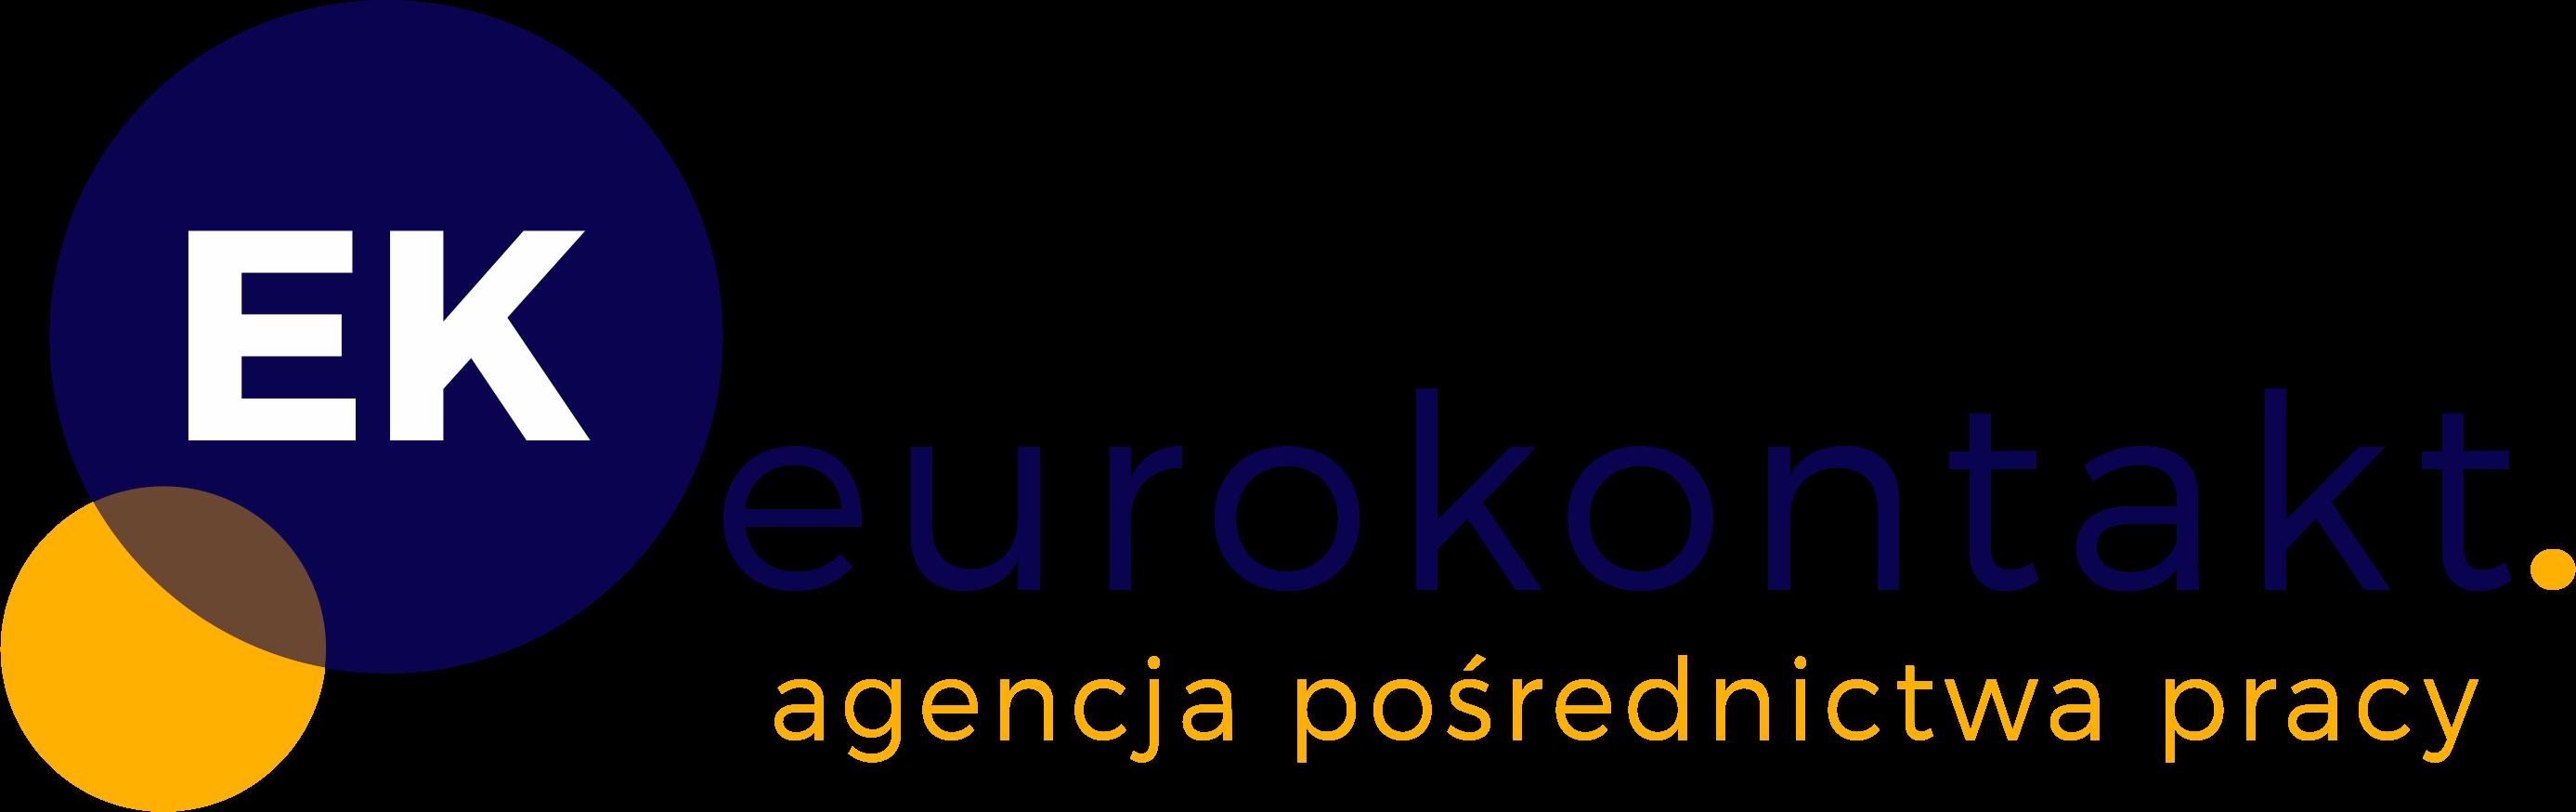 Eurokontakt Serwis